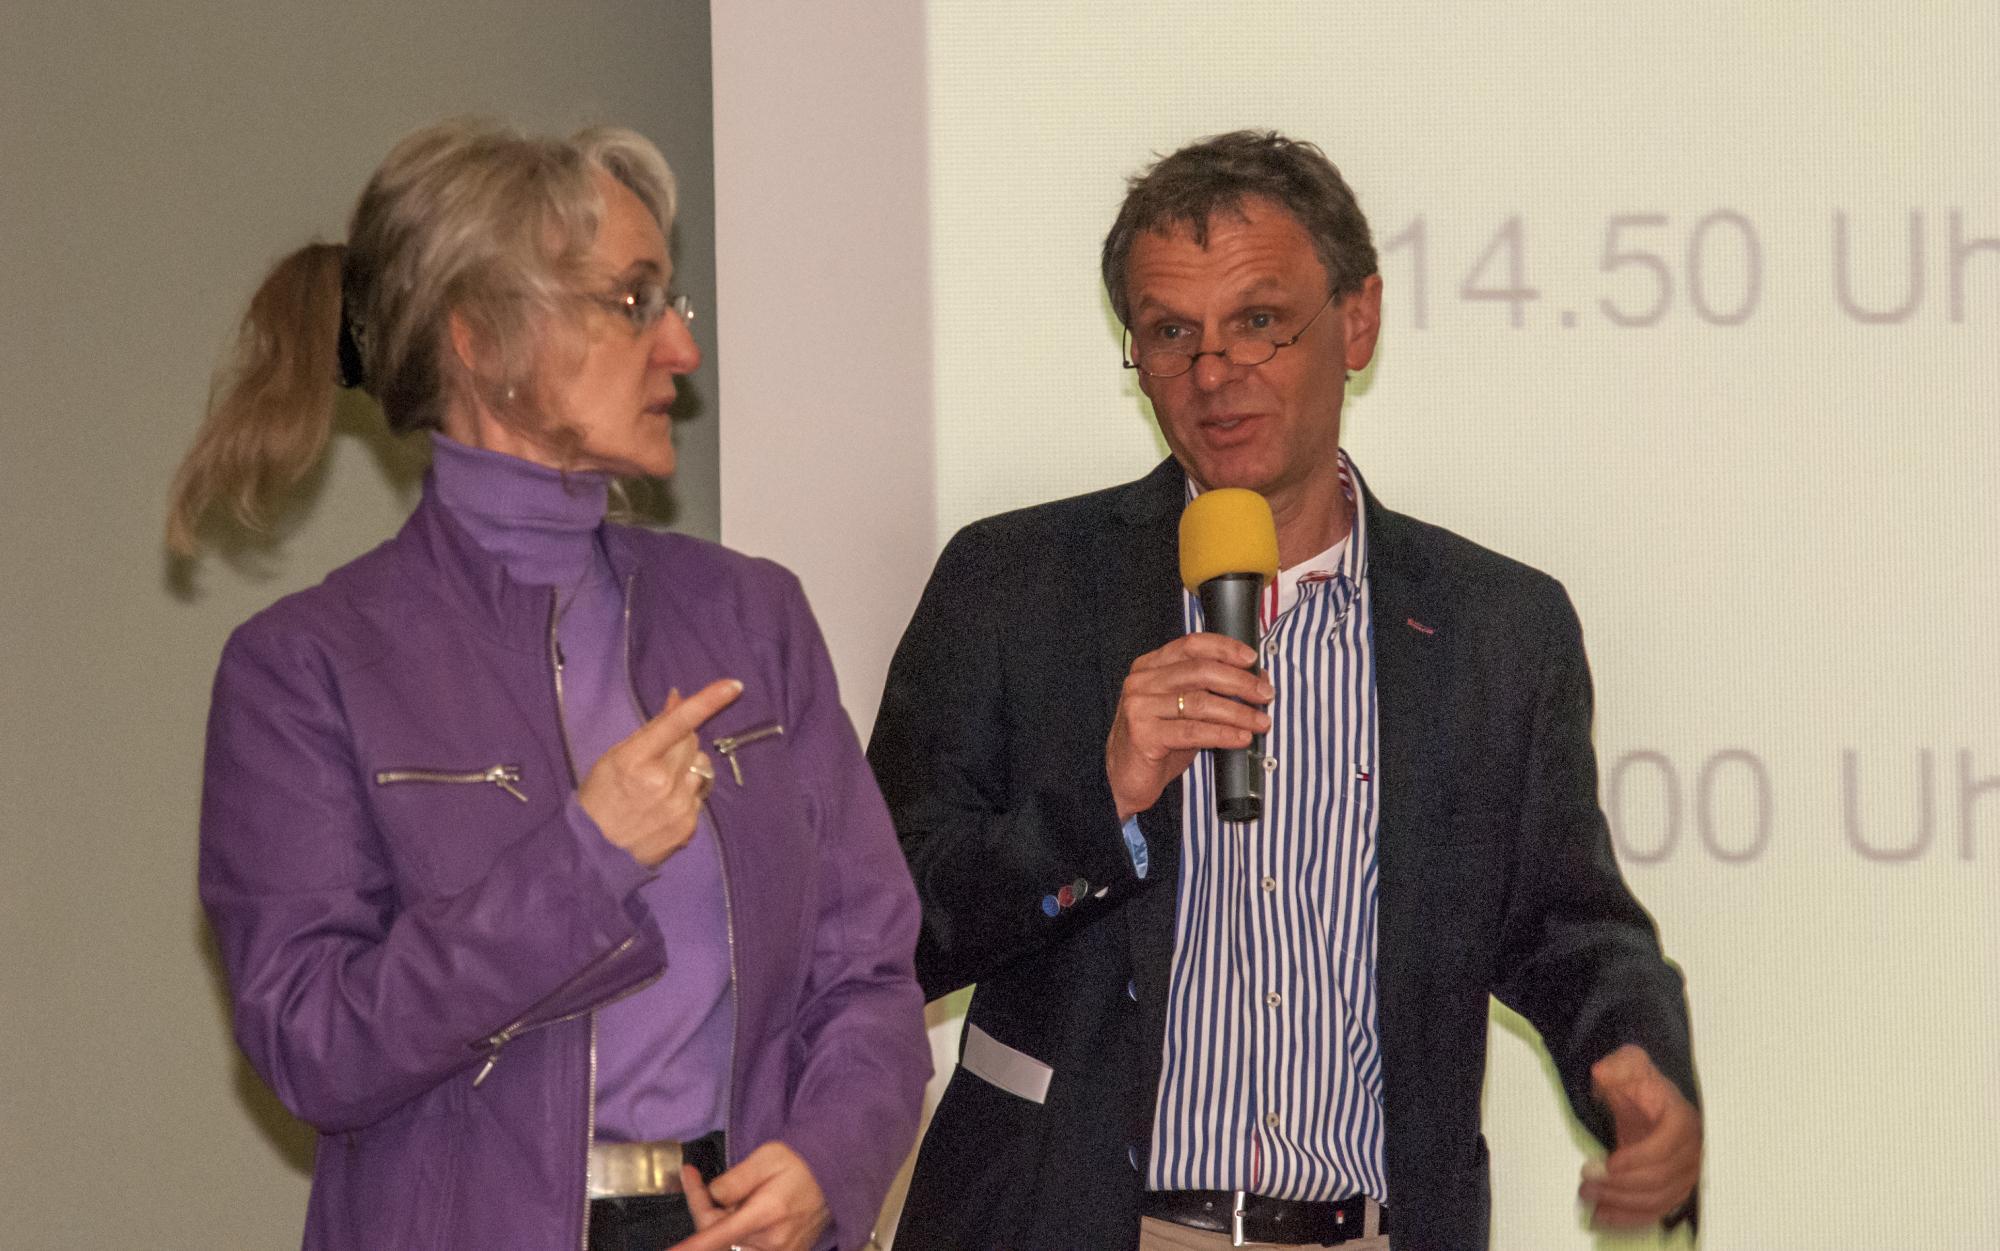 Netzwerk Demenz Essen am 04.06.2014 in der VHS Essen